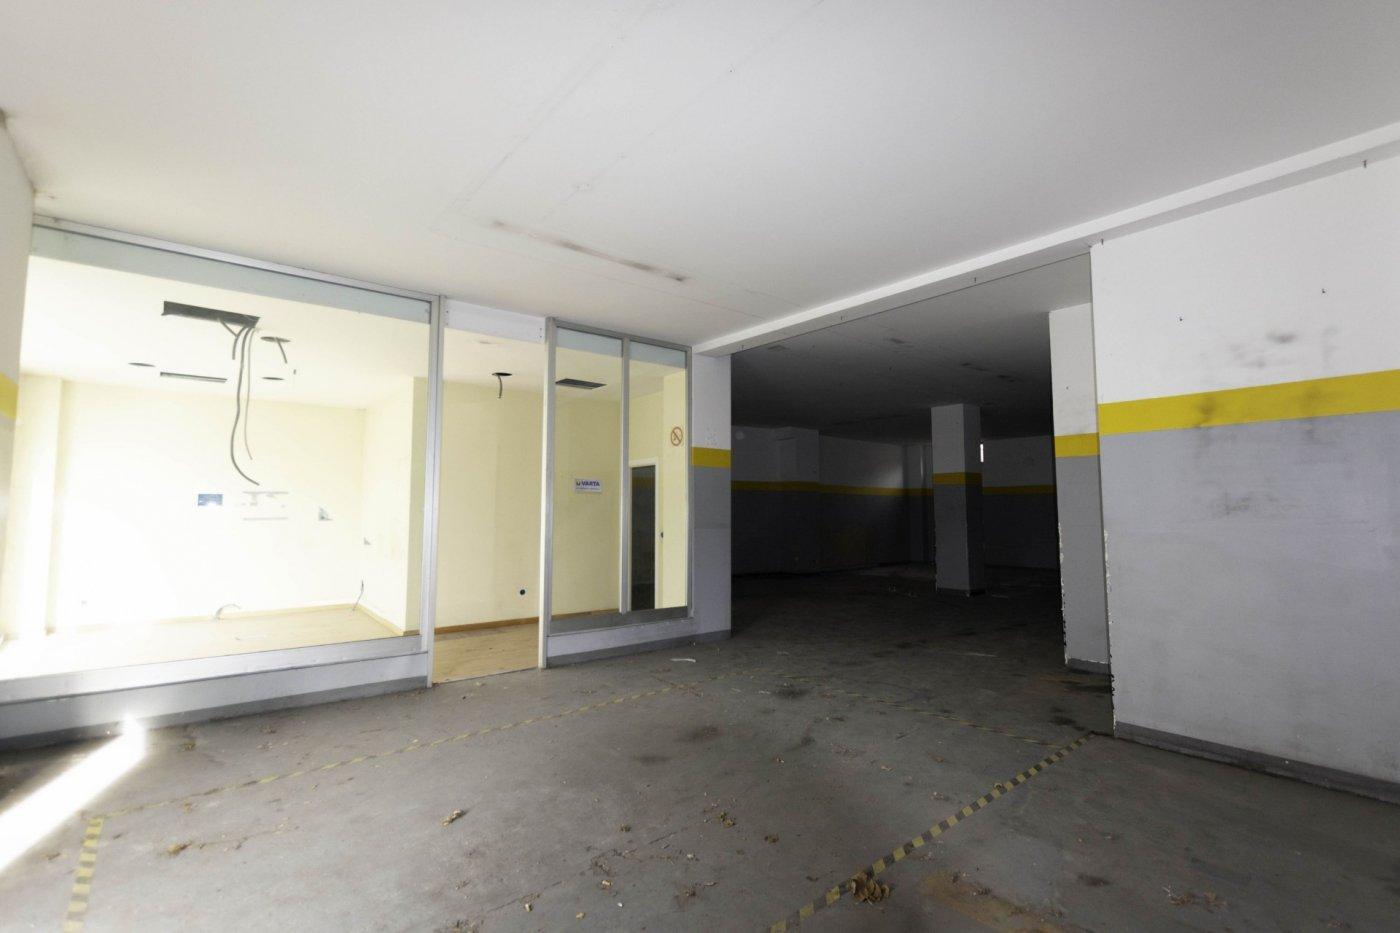 Centro comercial los prados - imagenInmueble5